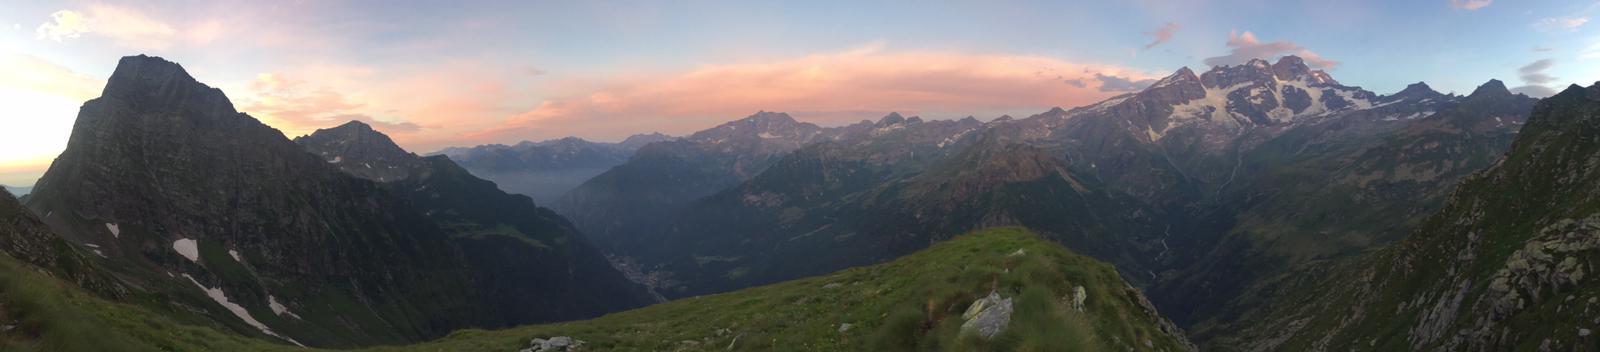 Monta Rosa im Sonnenaufgang